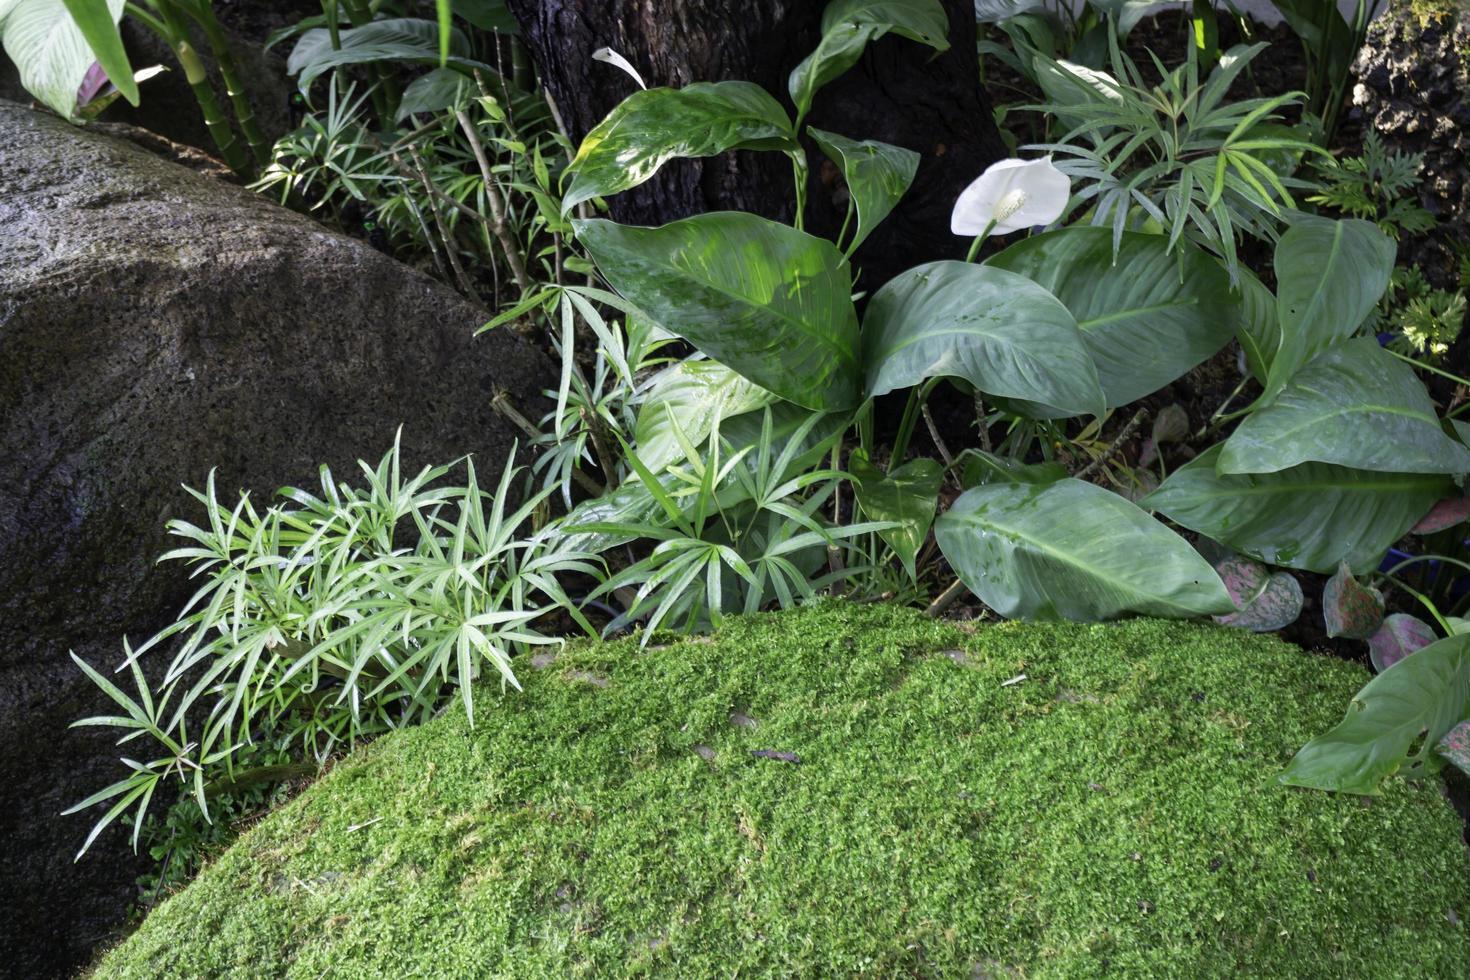 plantas ornamentales en el jardín. foto